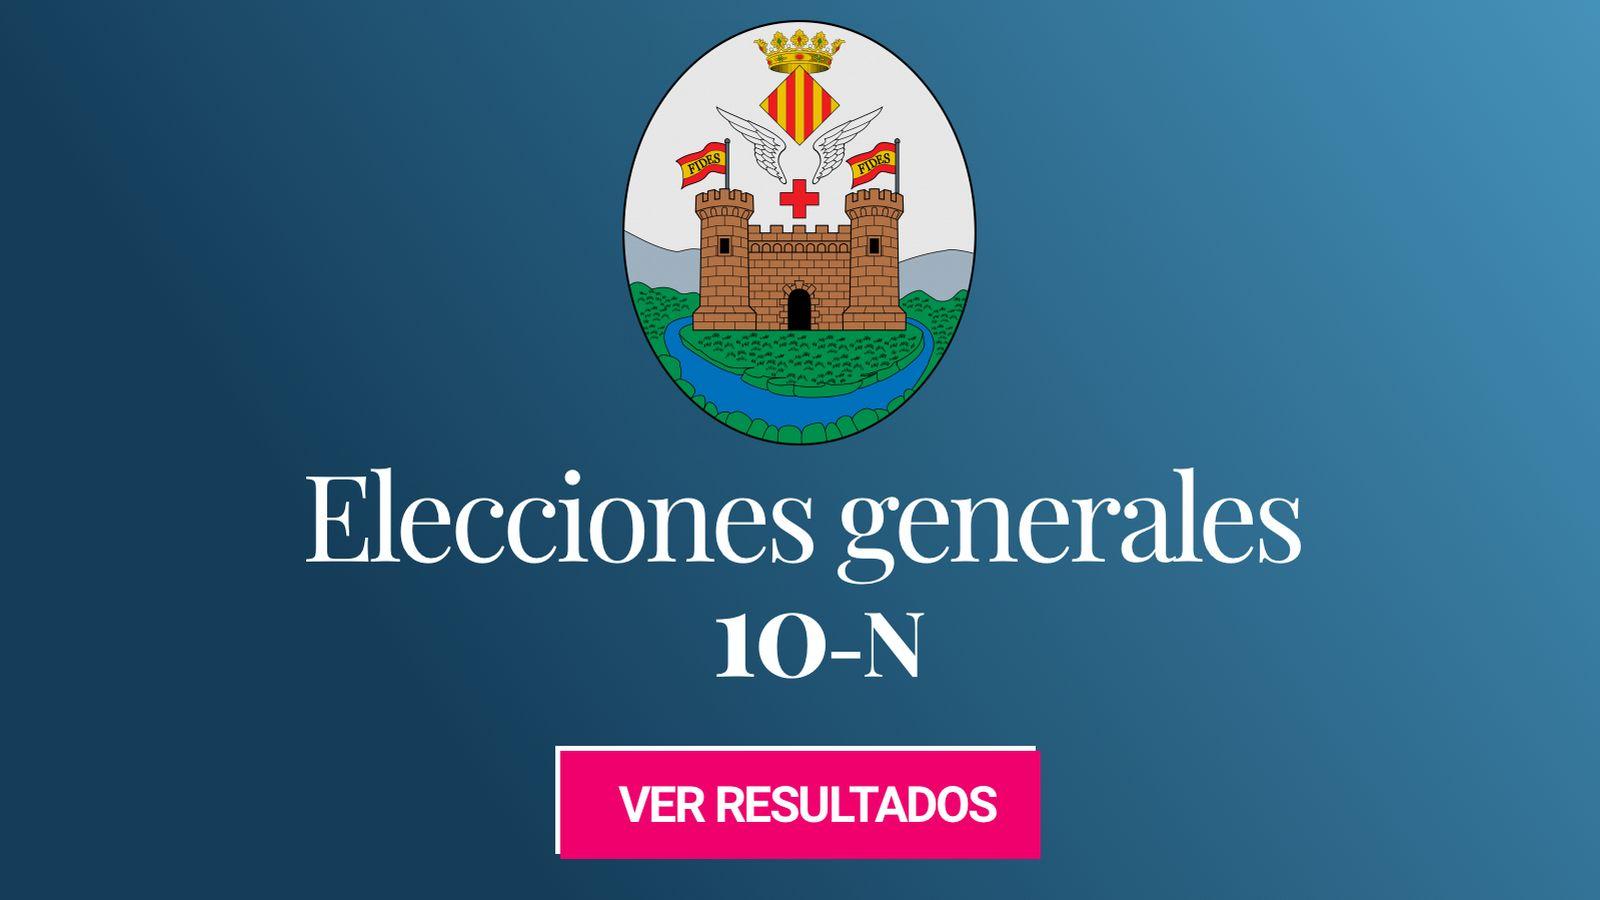 Foto: Elecciones generales 2019 en Alcoy. (C.C./EC)